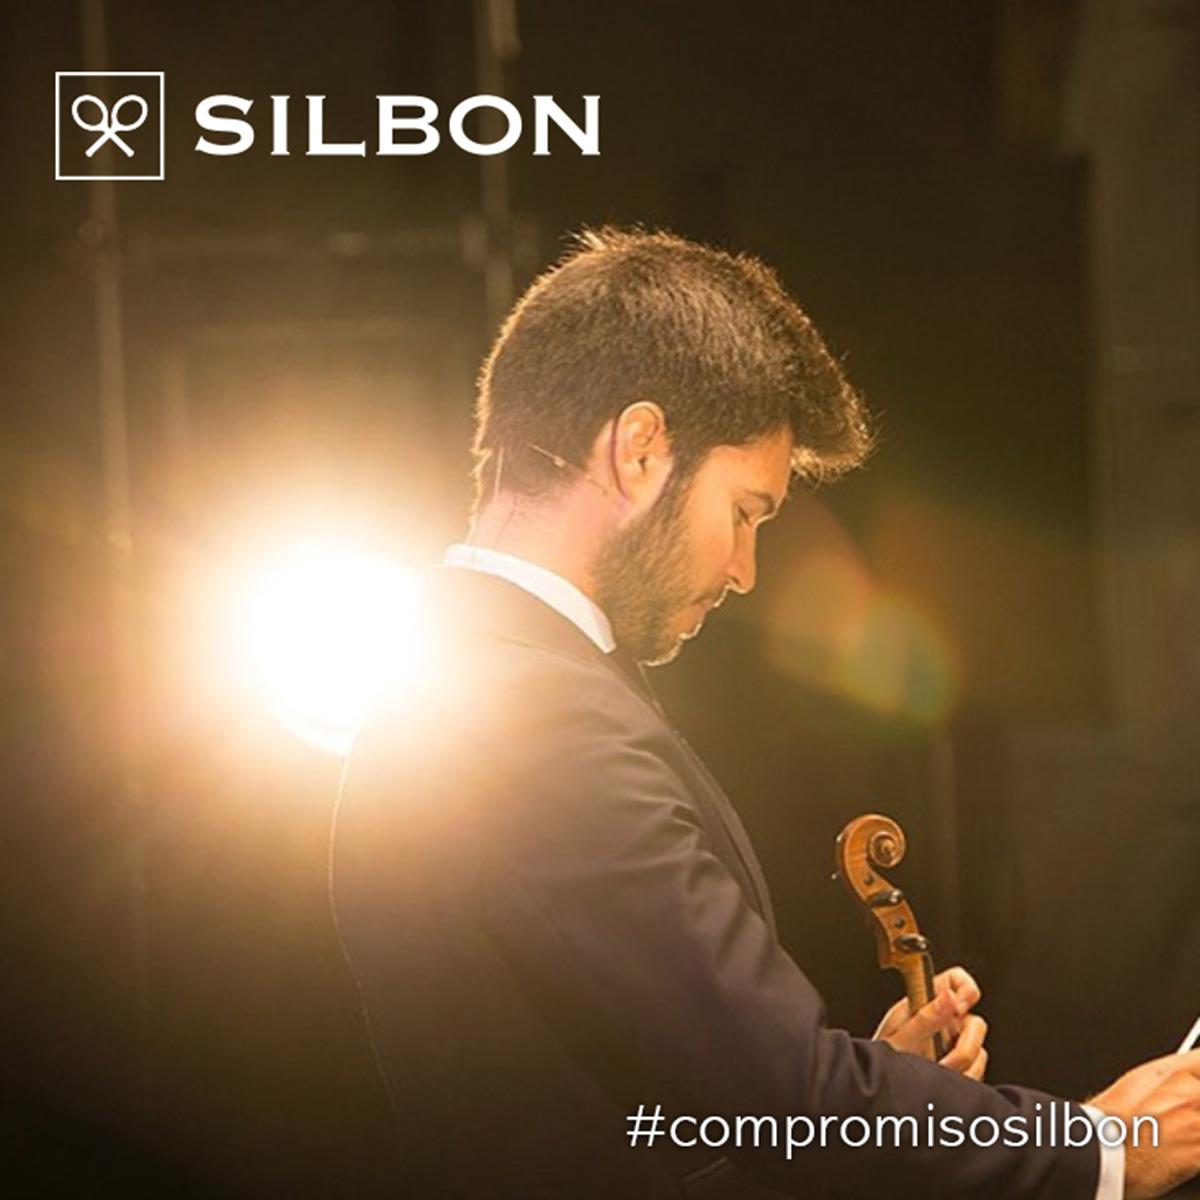 Compromiso Silbon